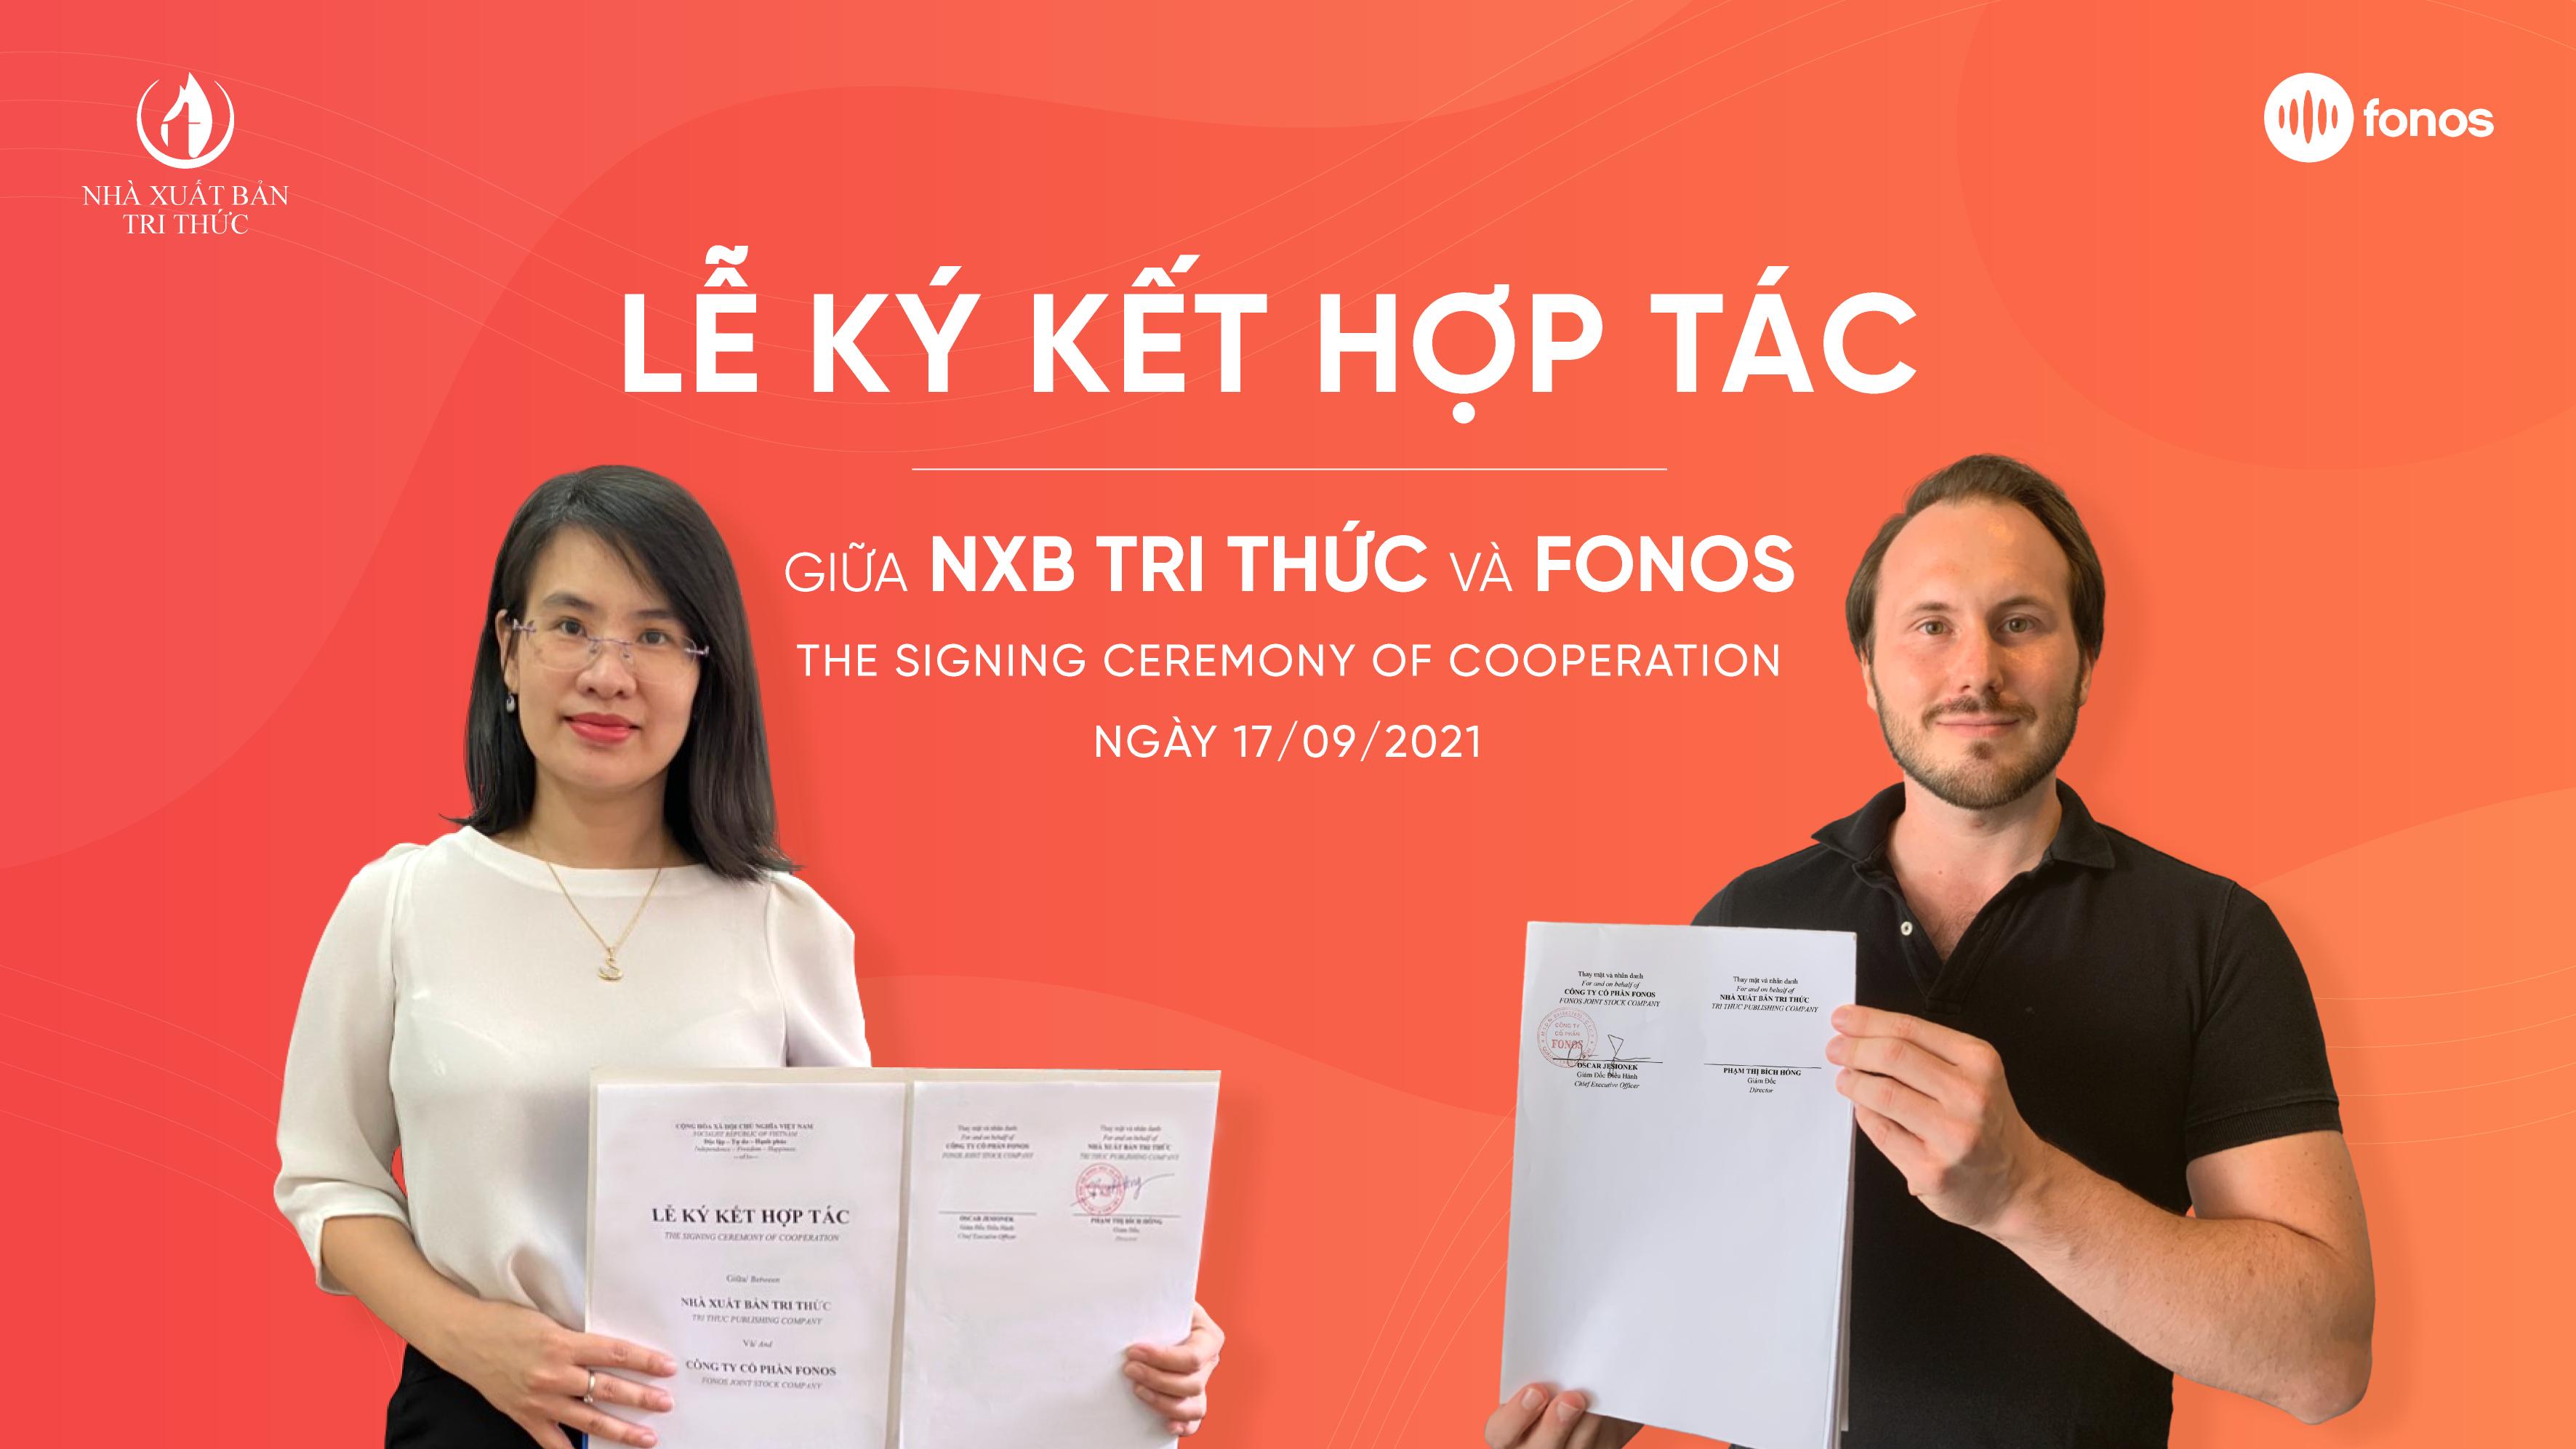 Nhà xuất bản Tri Thức và Fonos hợp tác chiến lược